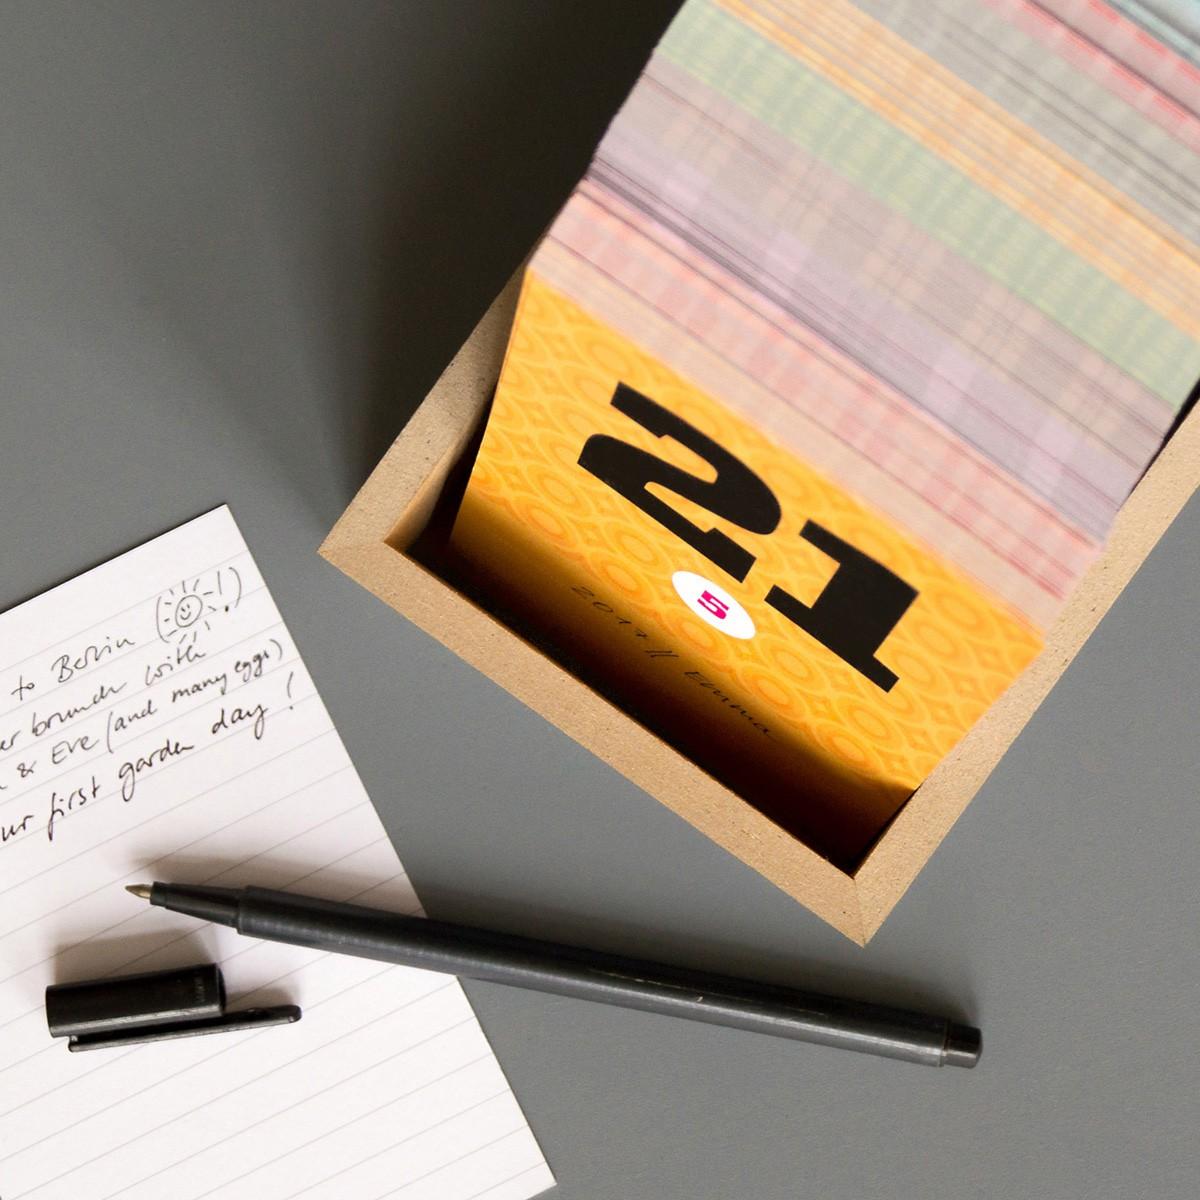 sperlingB – happydaysbox, schwarz, sprachneutrale Erinnerungsbox, Tischkalender, schönetagebox Vol. 2